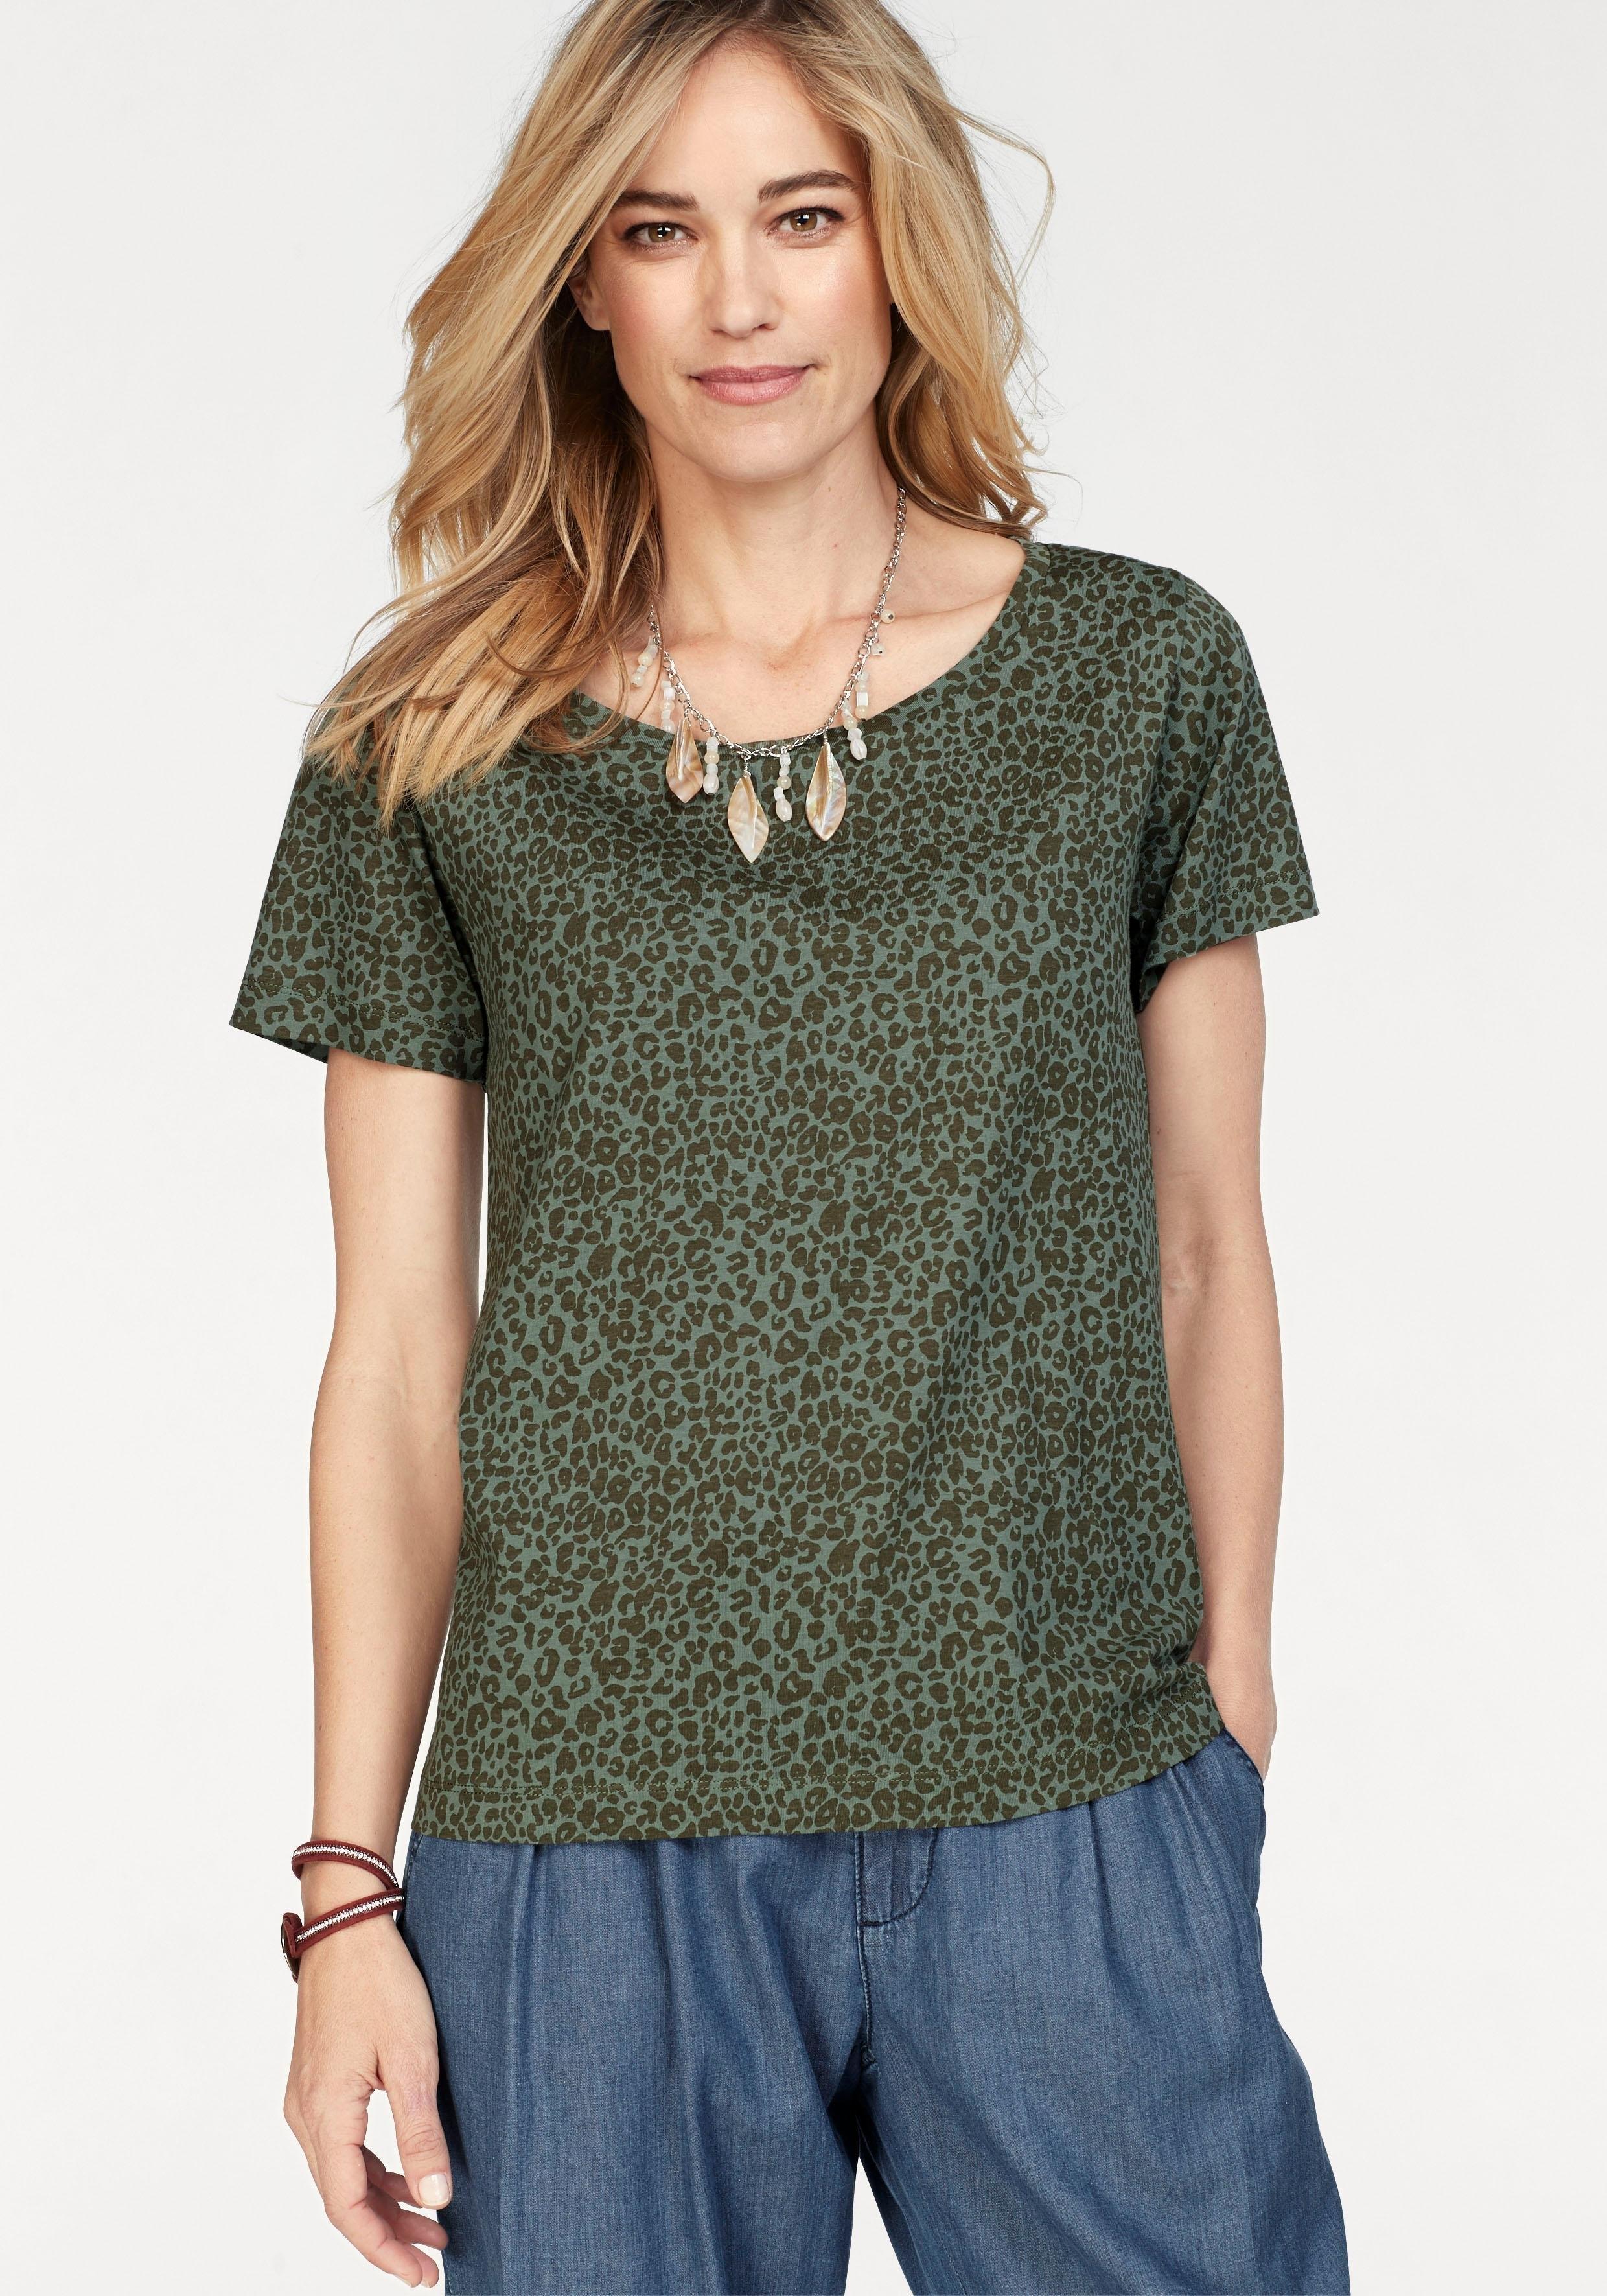 STOOKER WOMEN shirt met print nu online bestellen